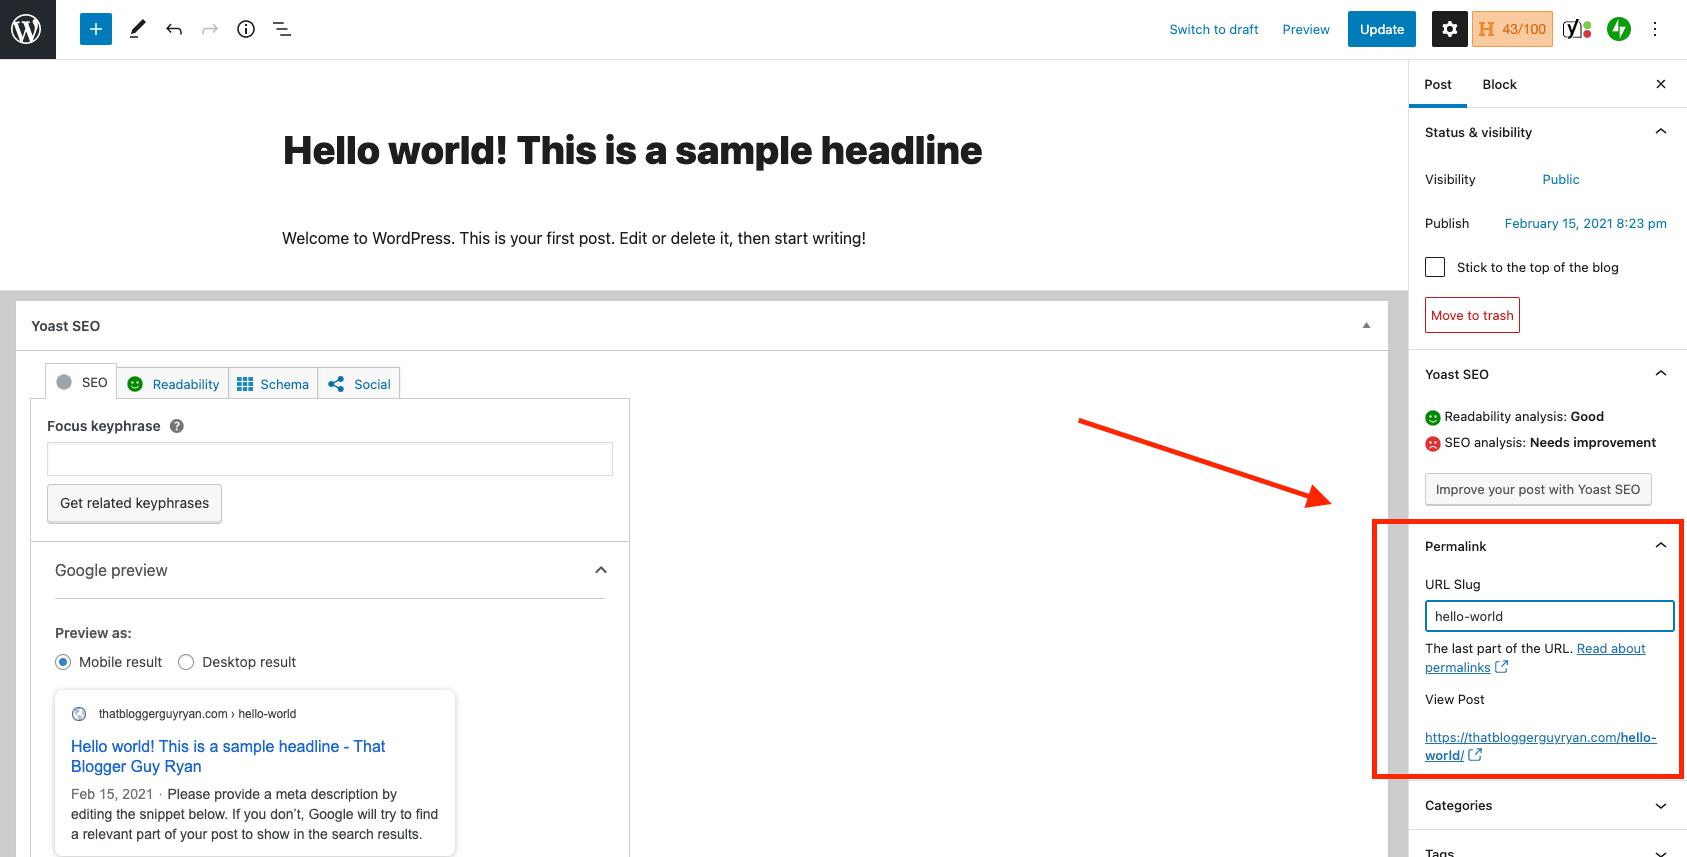 Cómo cambiar un enlace permanente en WordPress (captura de pantalla del editor Gutenberg)